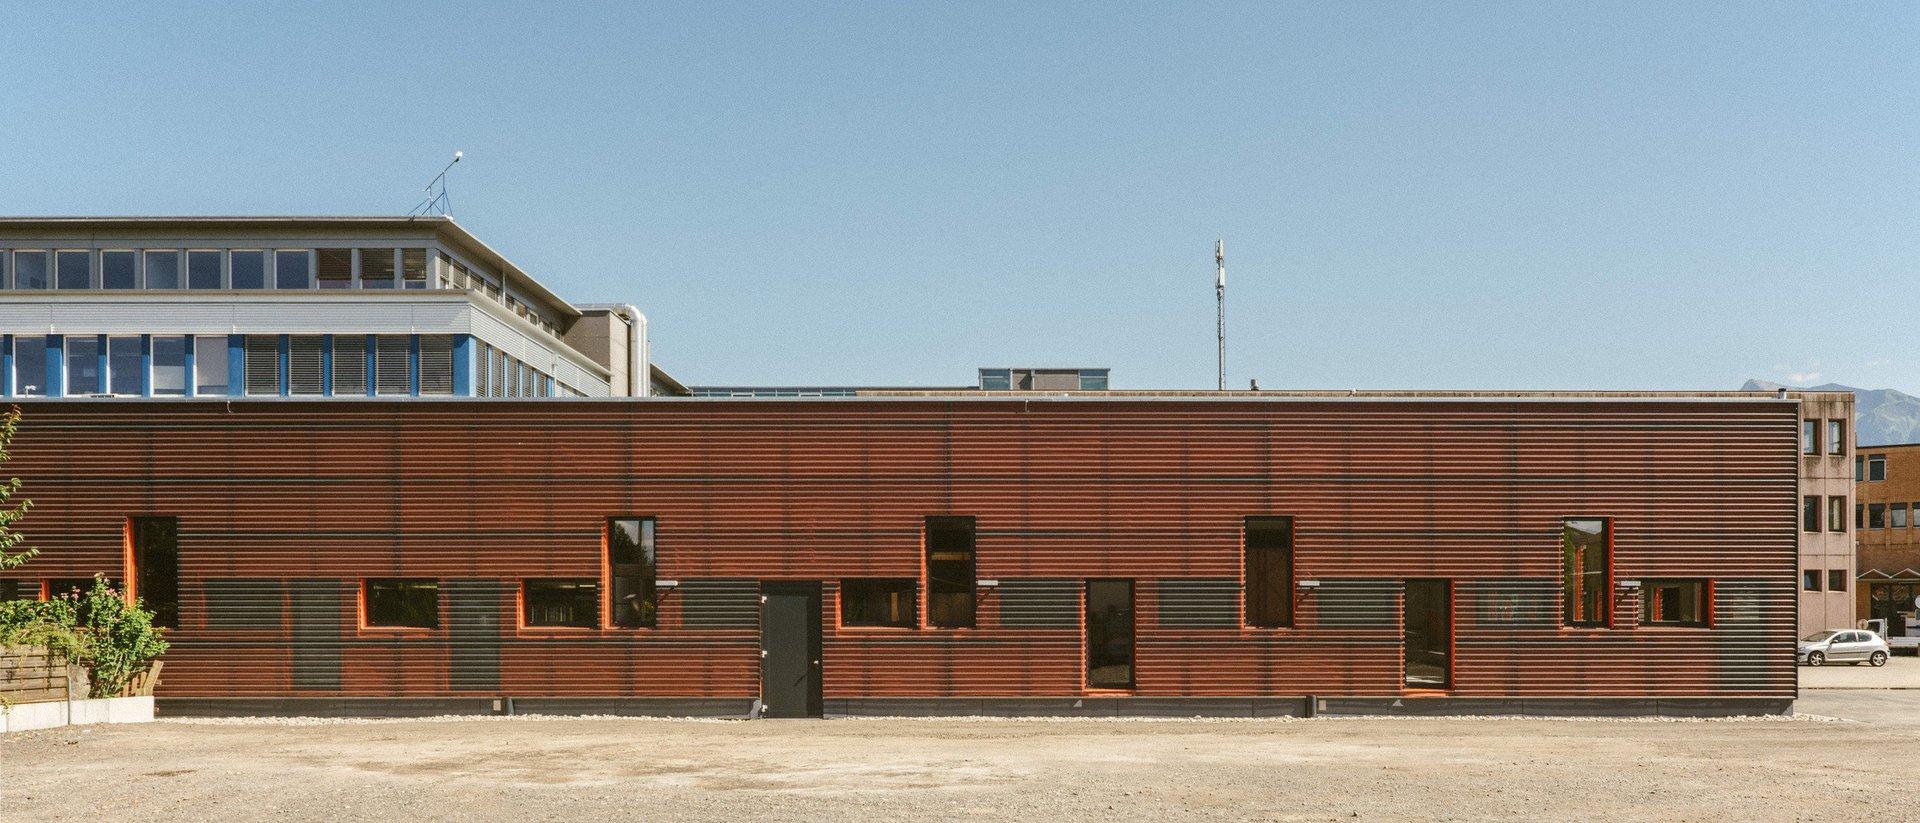 Façades de l'atelier mécanique, fenêtres sur différents niveaux